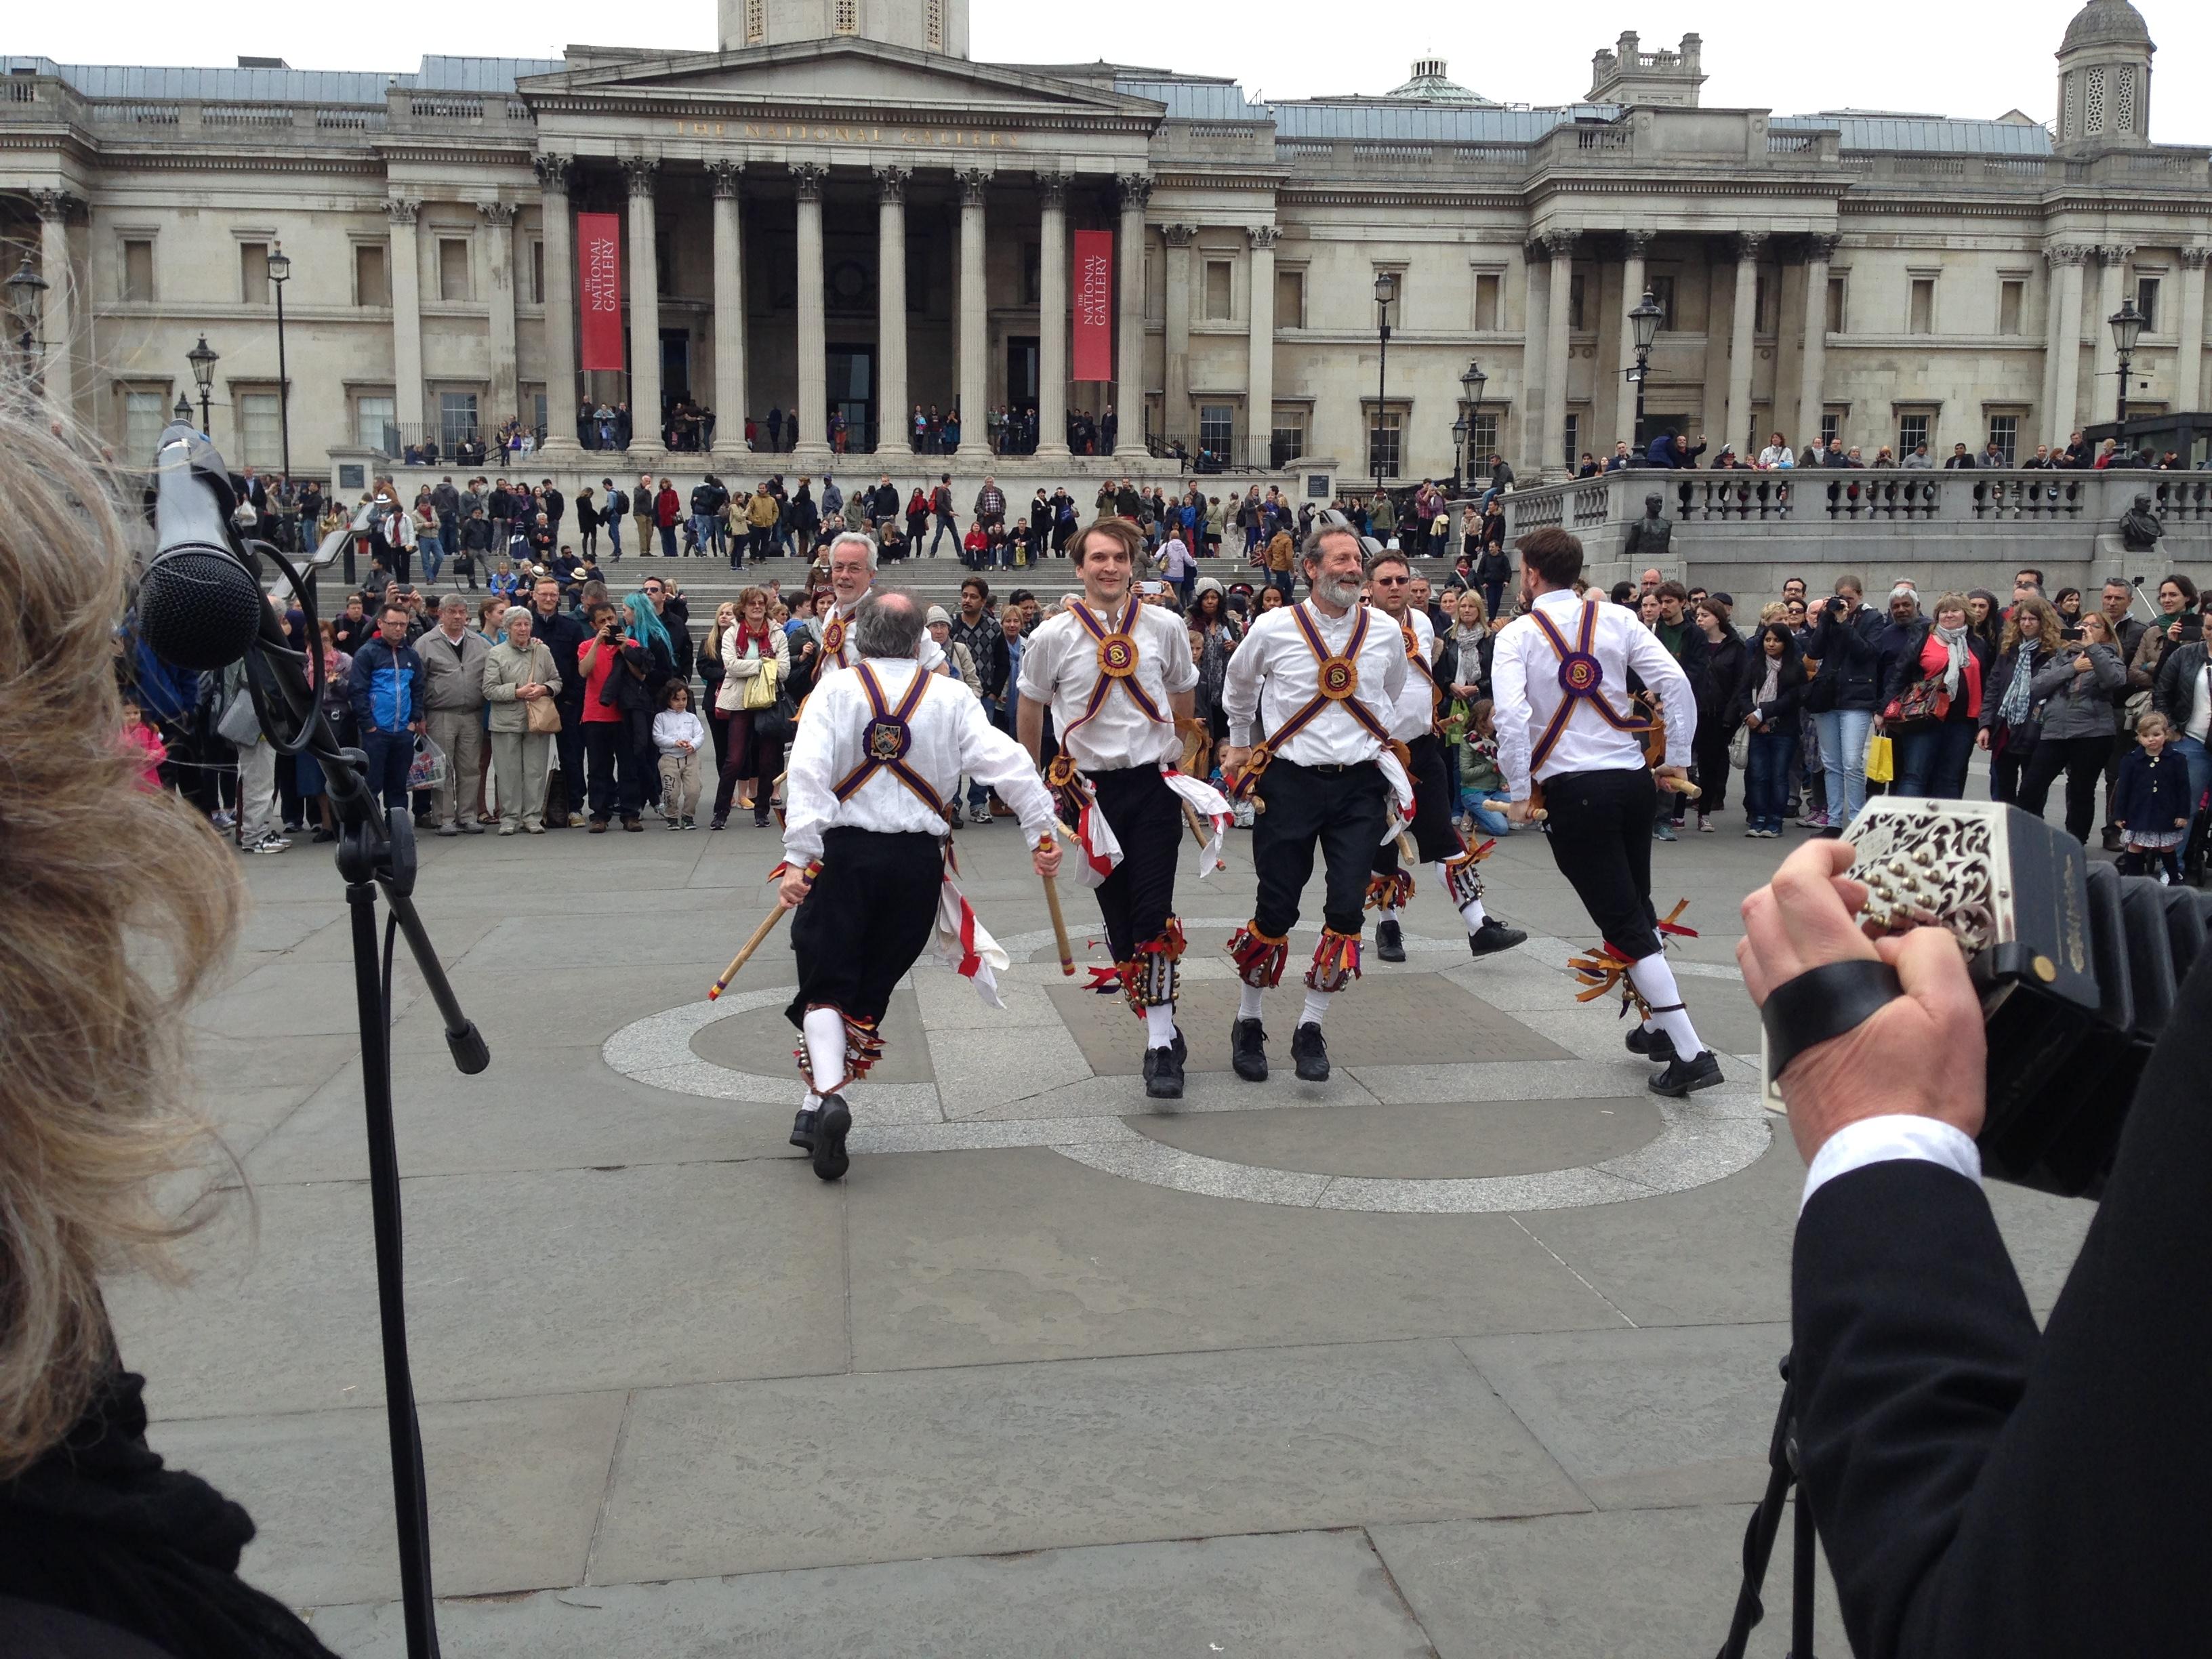 Morris dancing Trafalgar Square, London